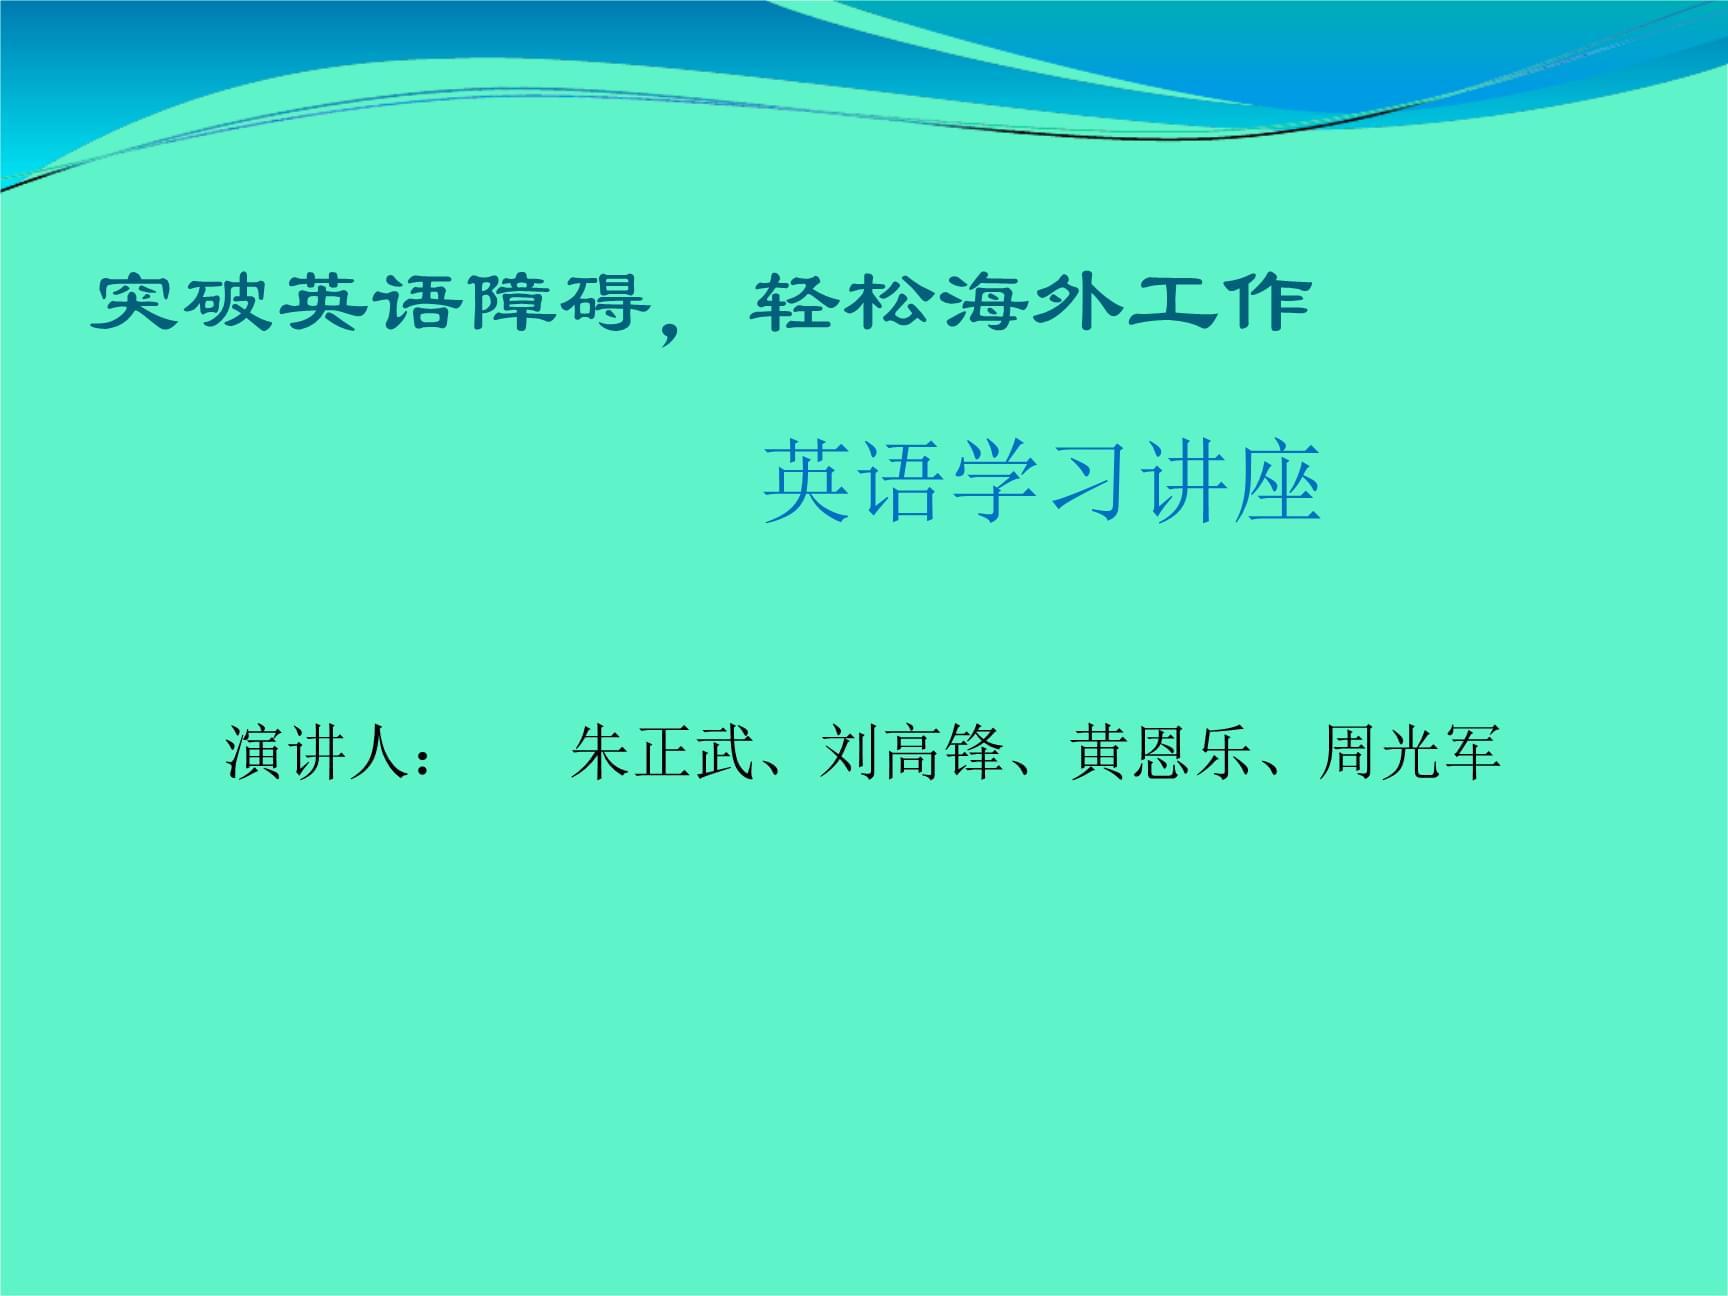 完整版海外工程英语.ppt